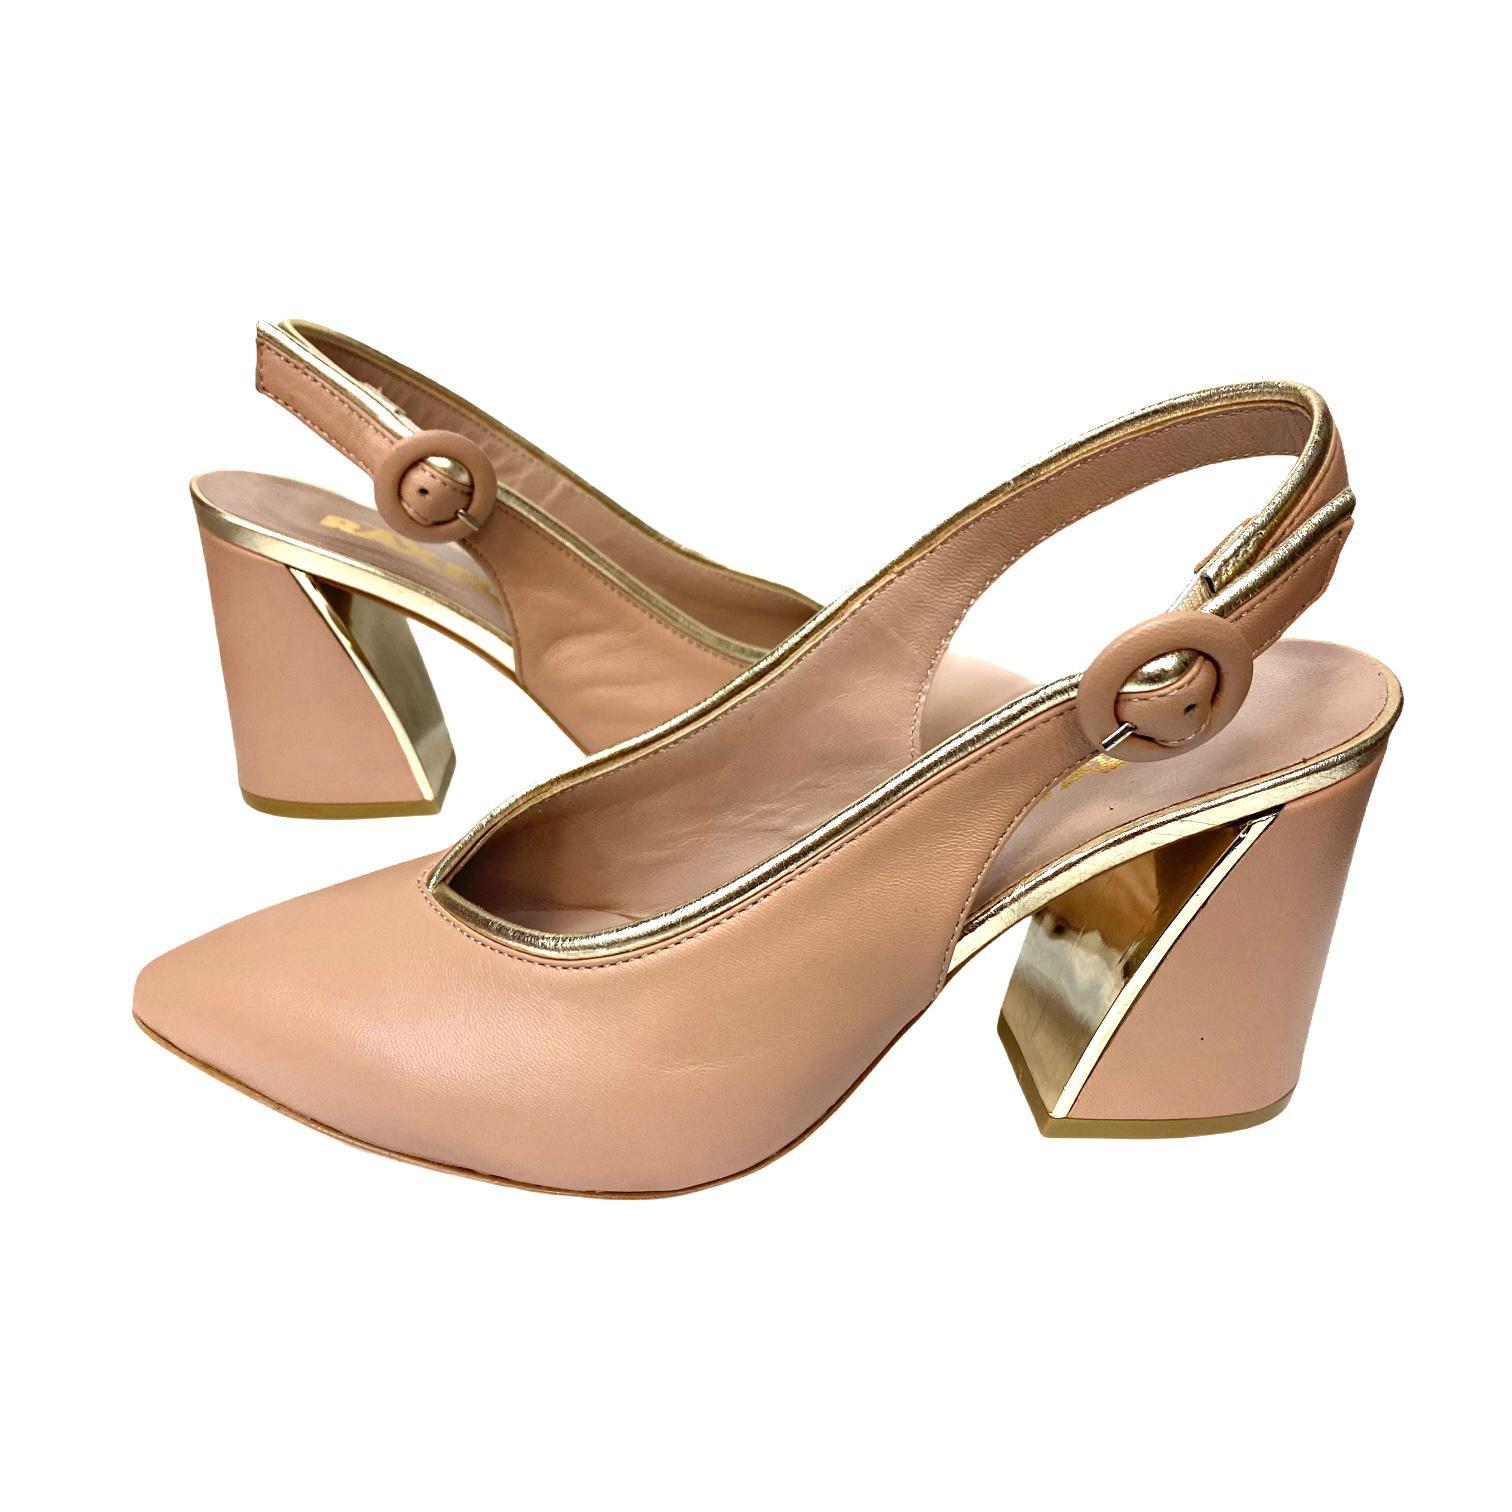 Pantofi decupati nude cu detaliu auriu